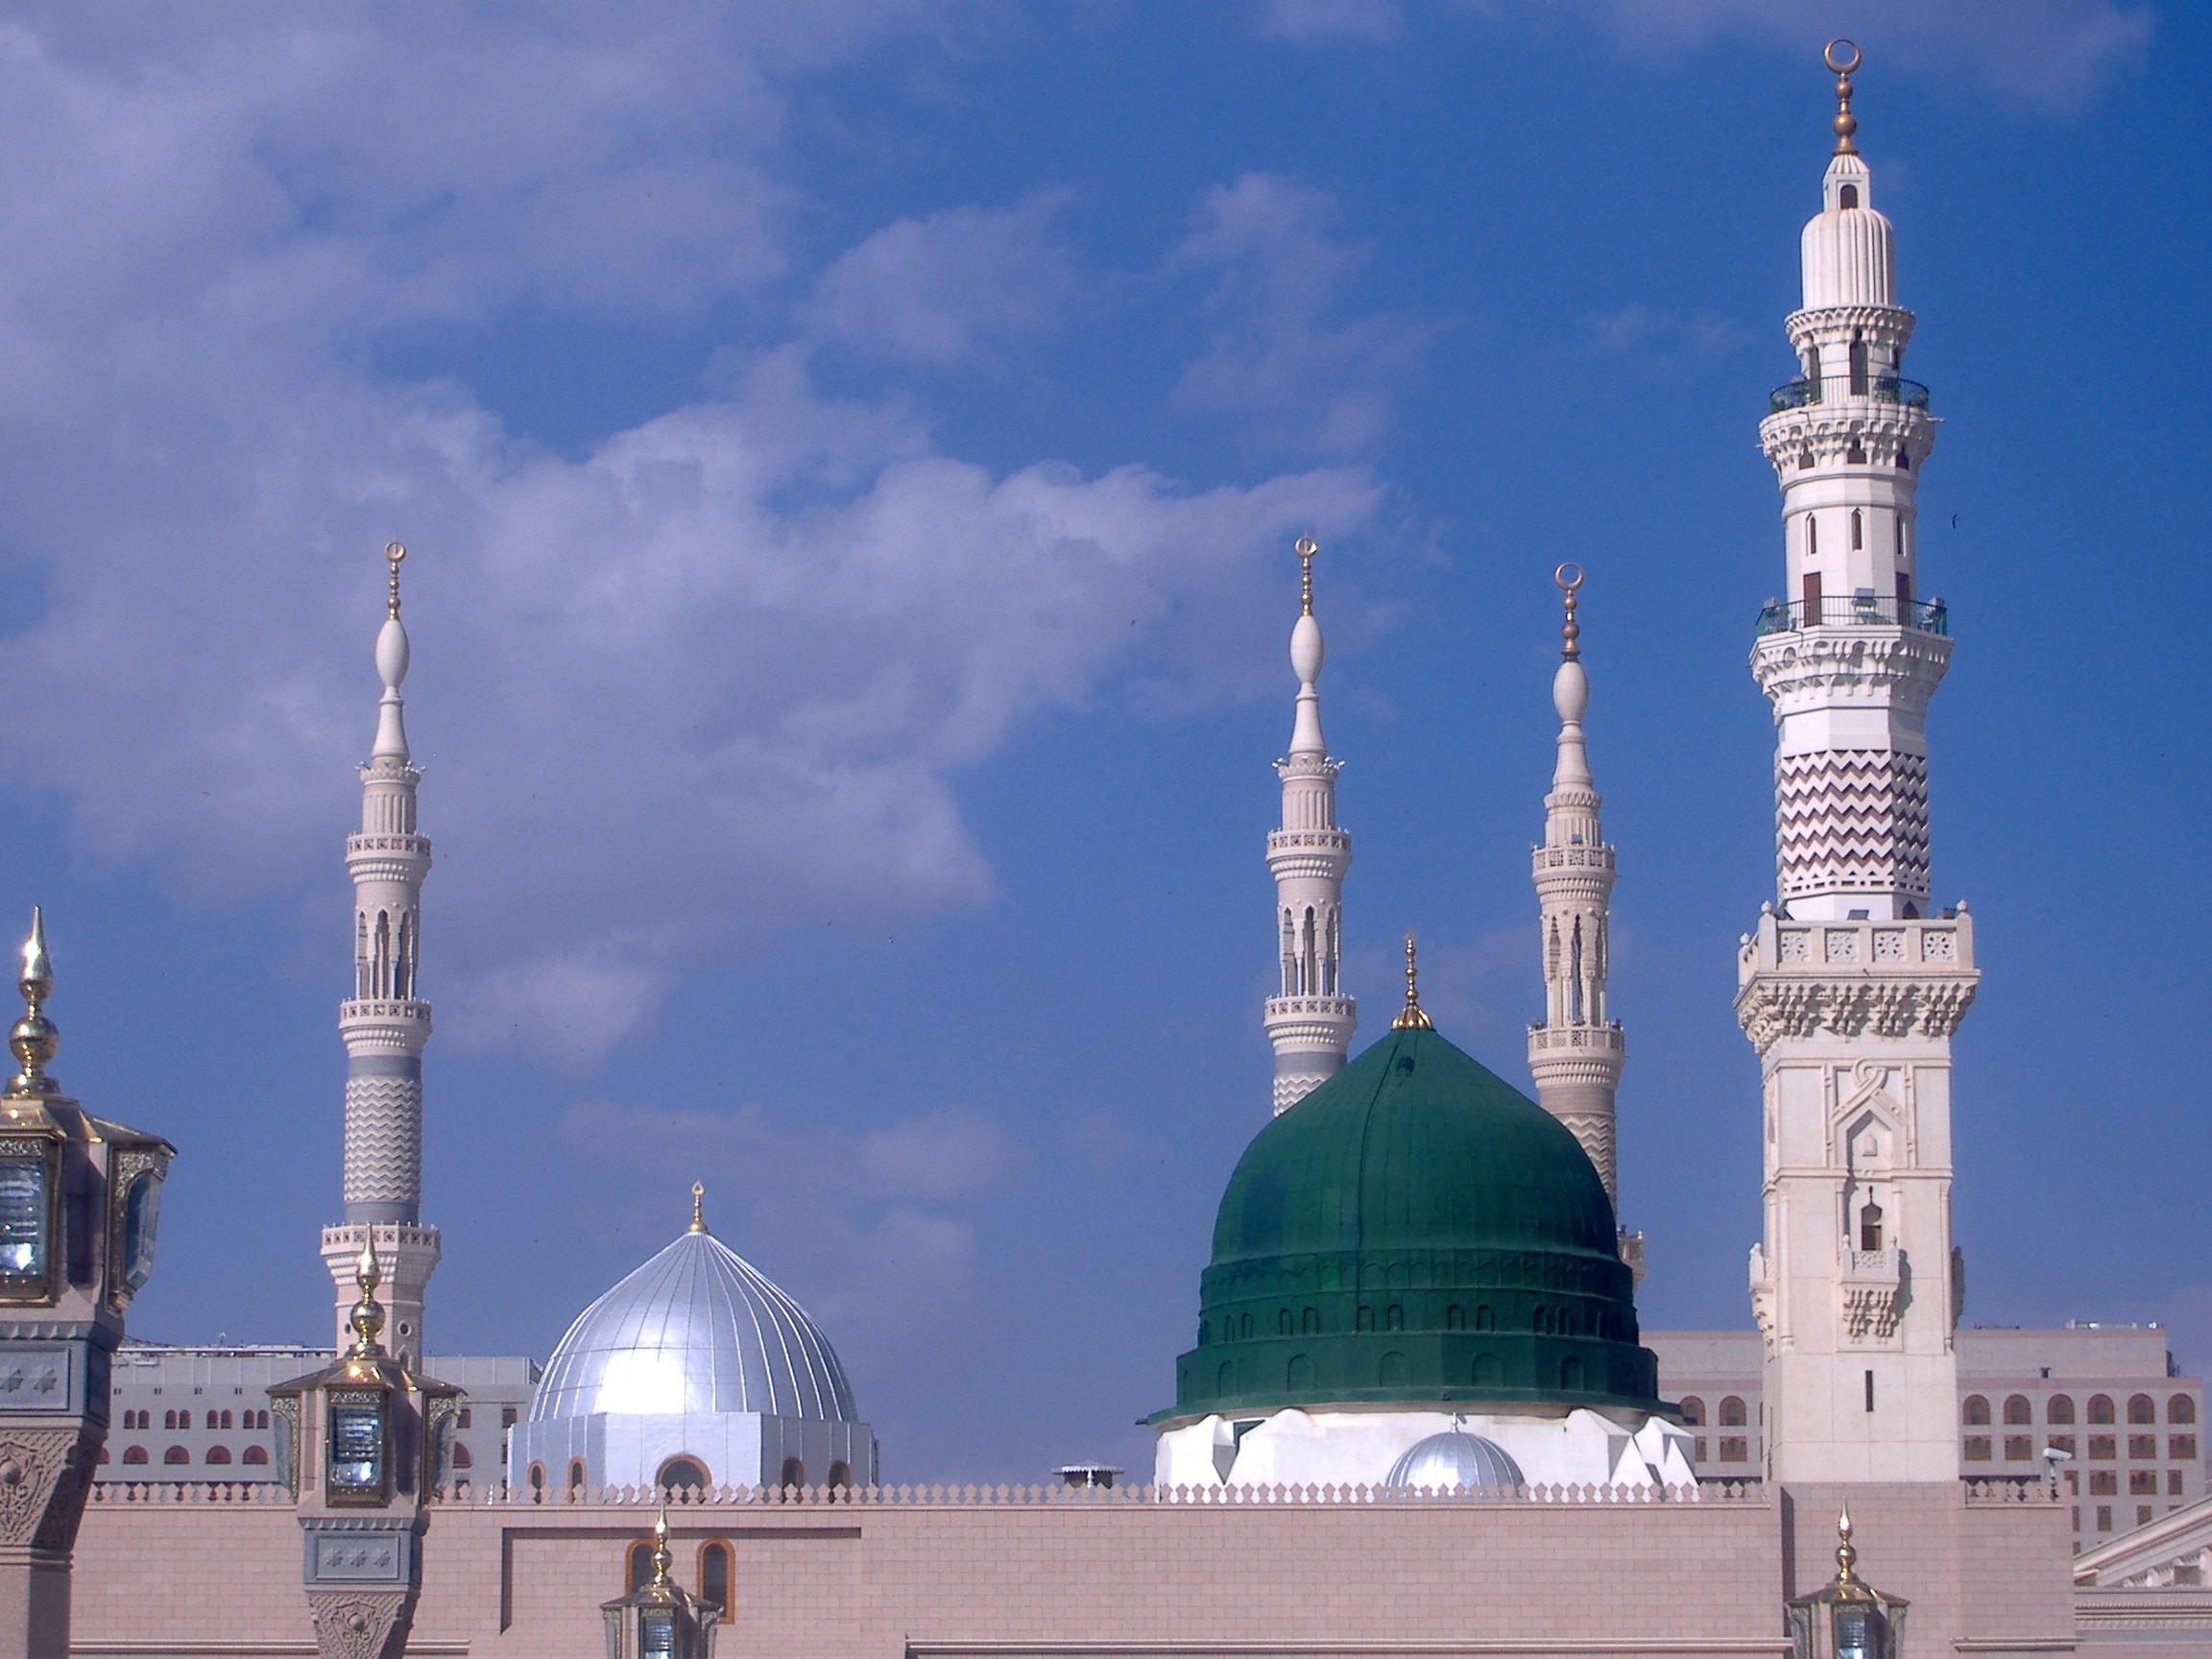 صورة عالية الجودة للتحميل المدينة المنورة Masjid Madina Mecca Wallpaper